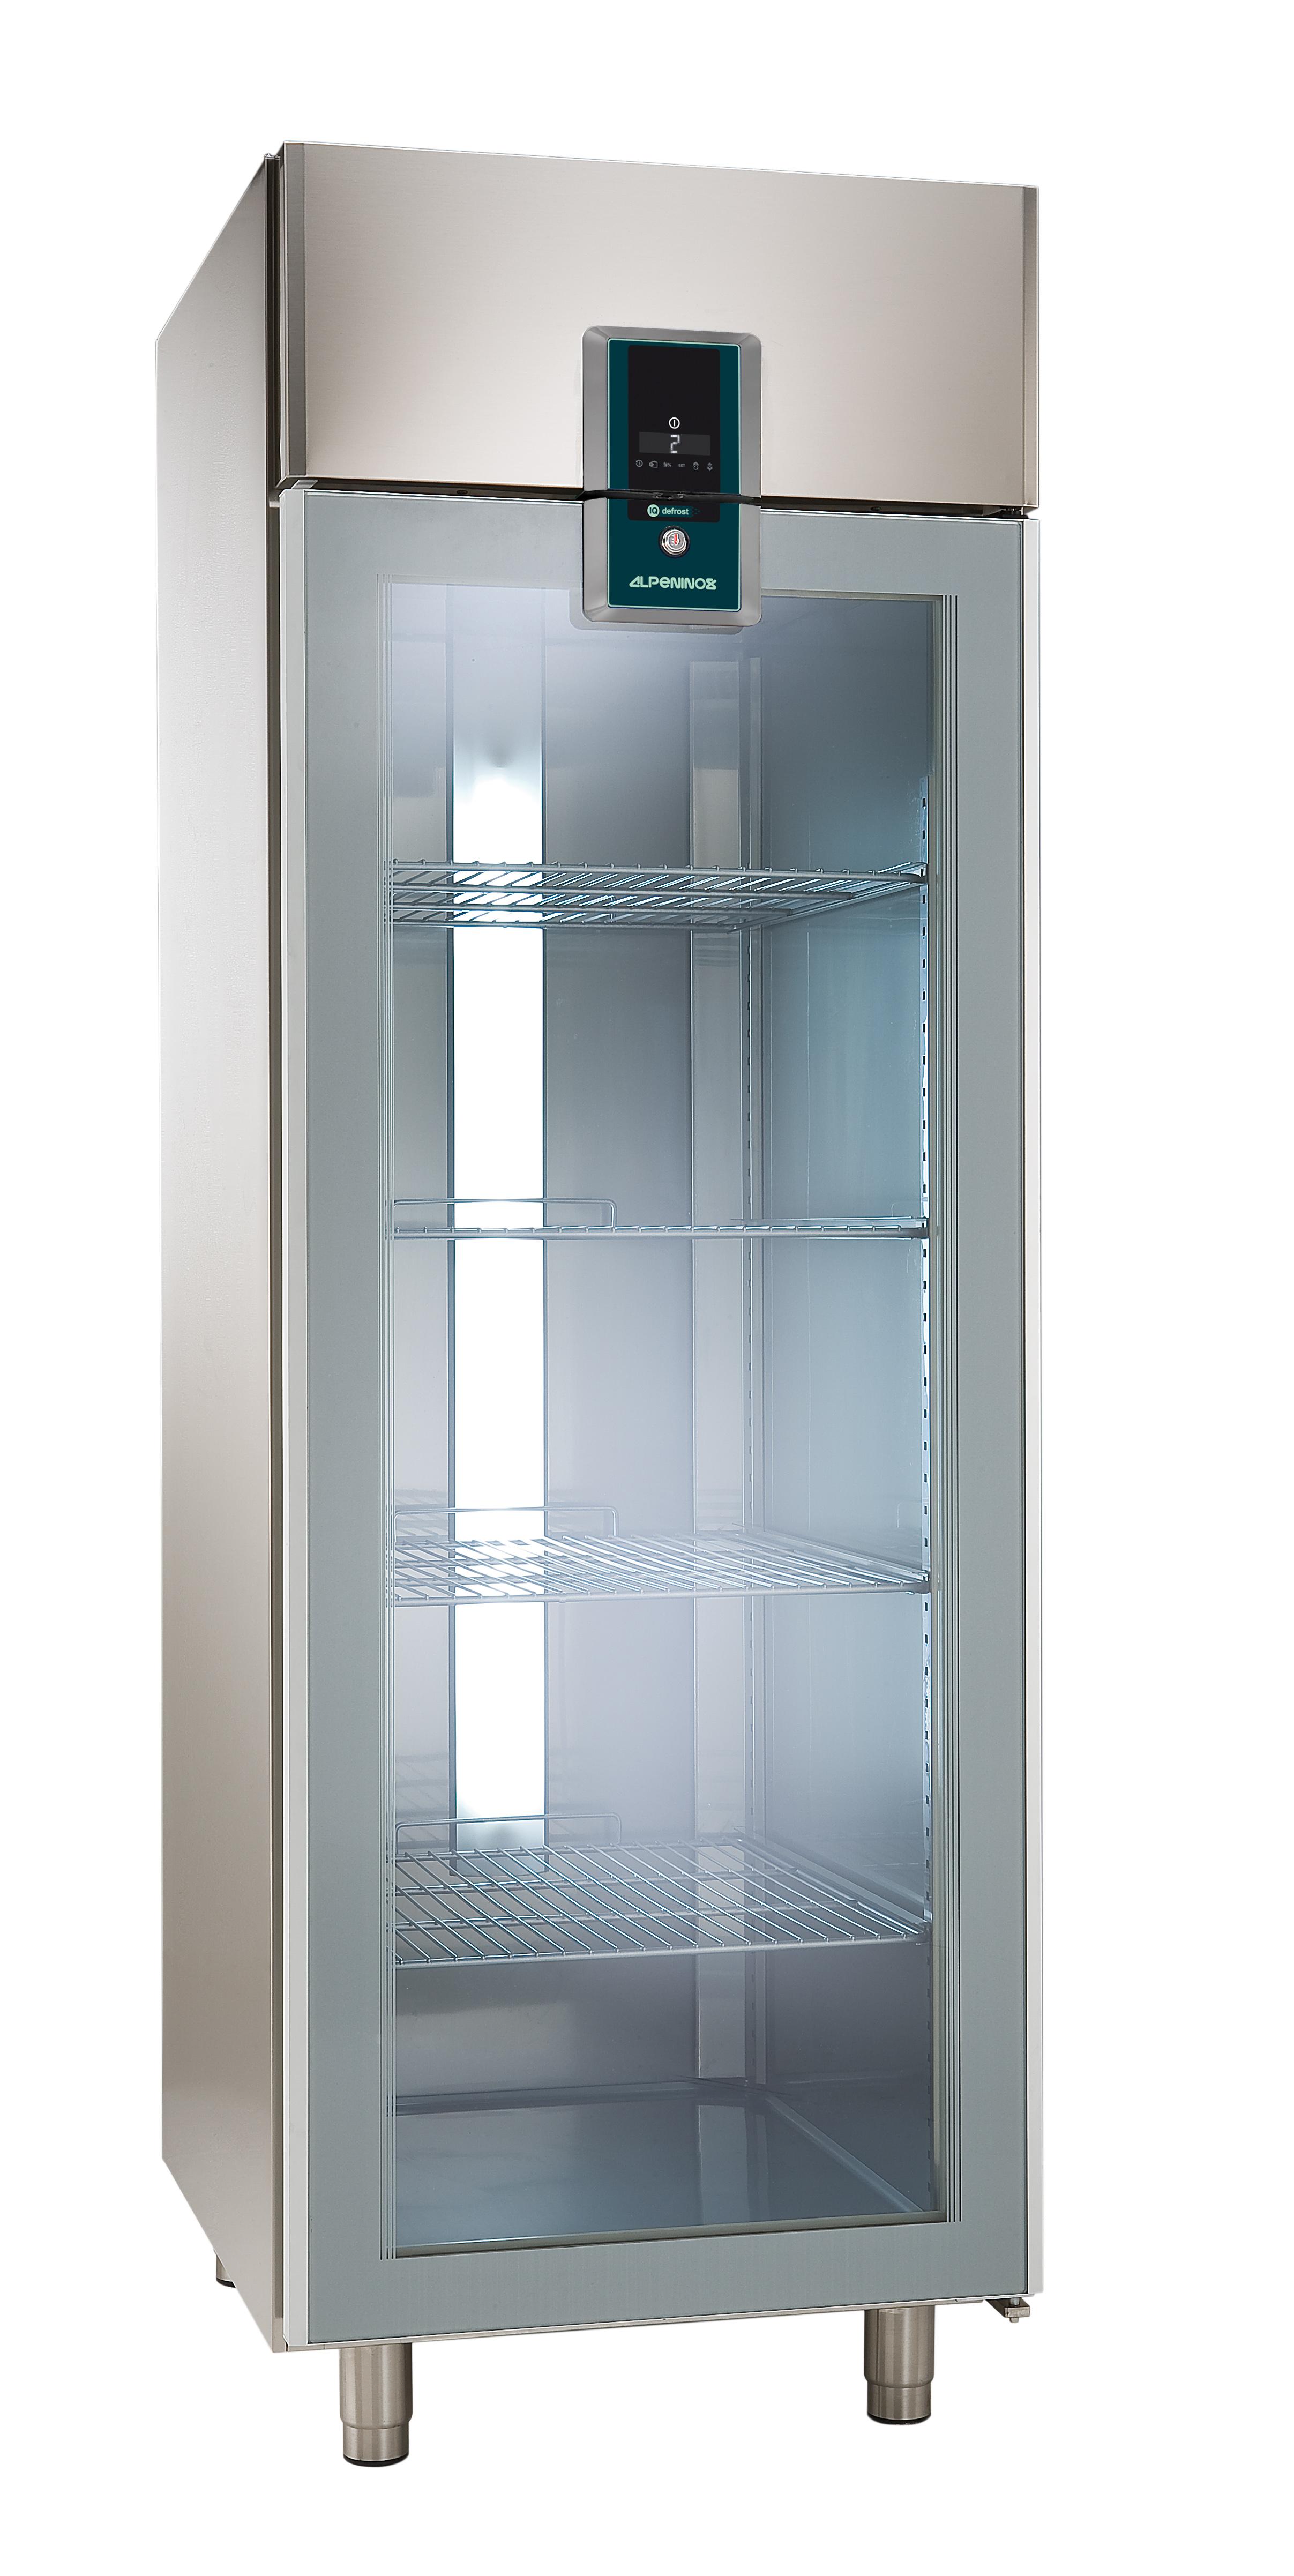 Erfreut Umluft Kühlschrank Gebraucht Fotos - Die besten ...